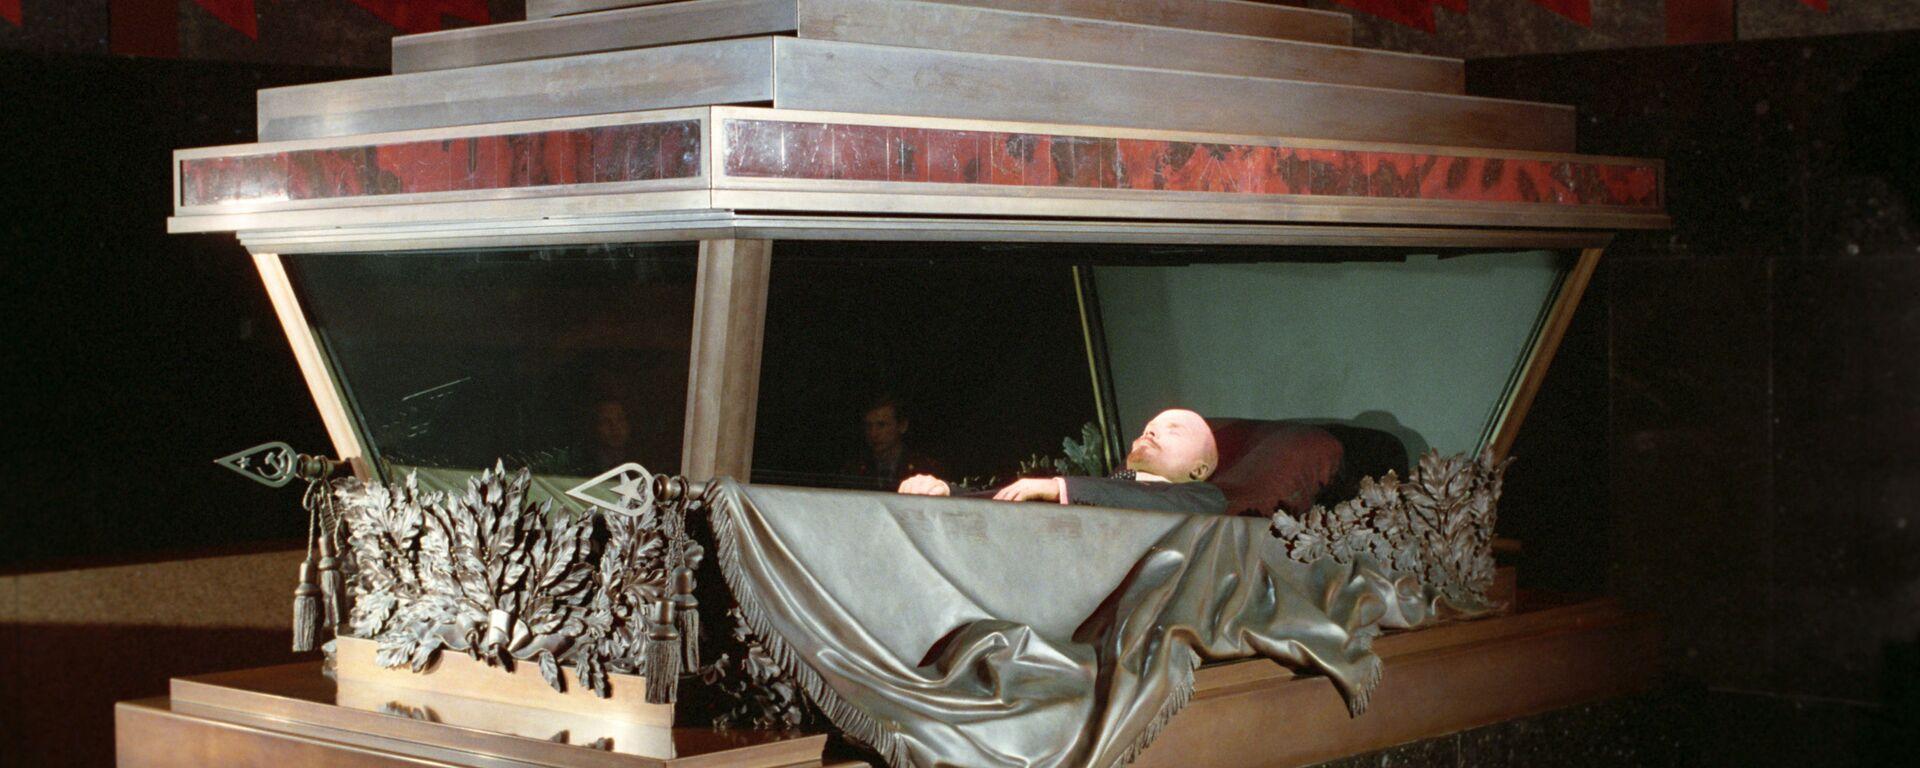 Забальзамированное тело В.И. Ленина в Мавзолее на Красной площади - Sputnik Italia, 1920, 19.01.2019